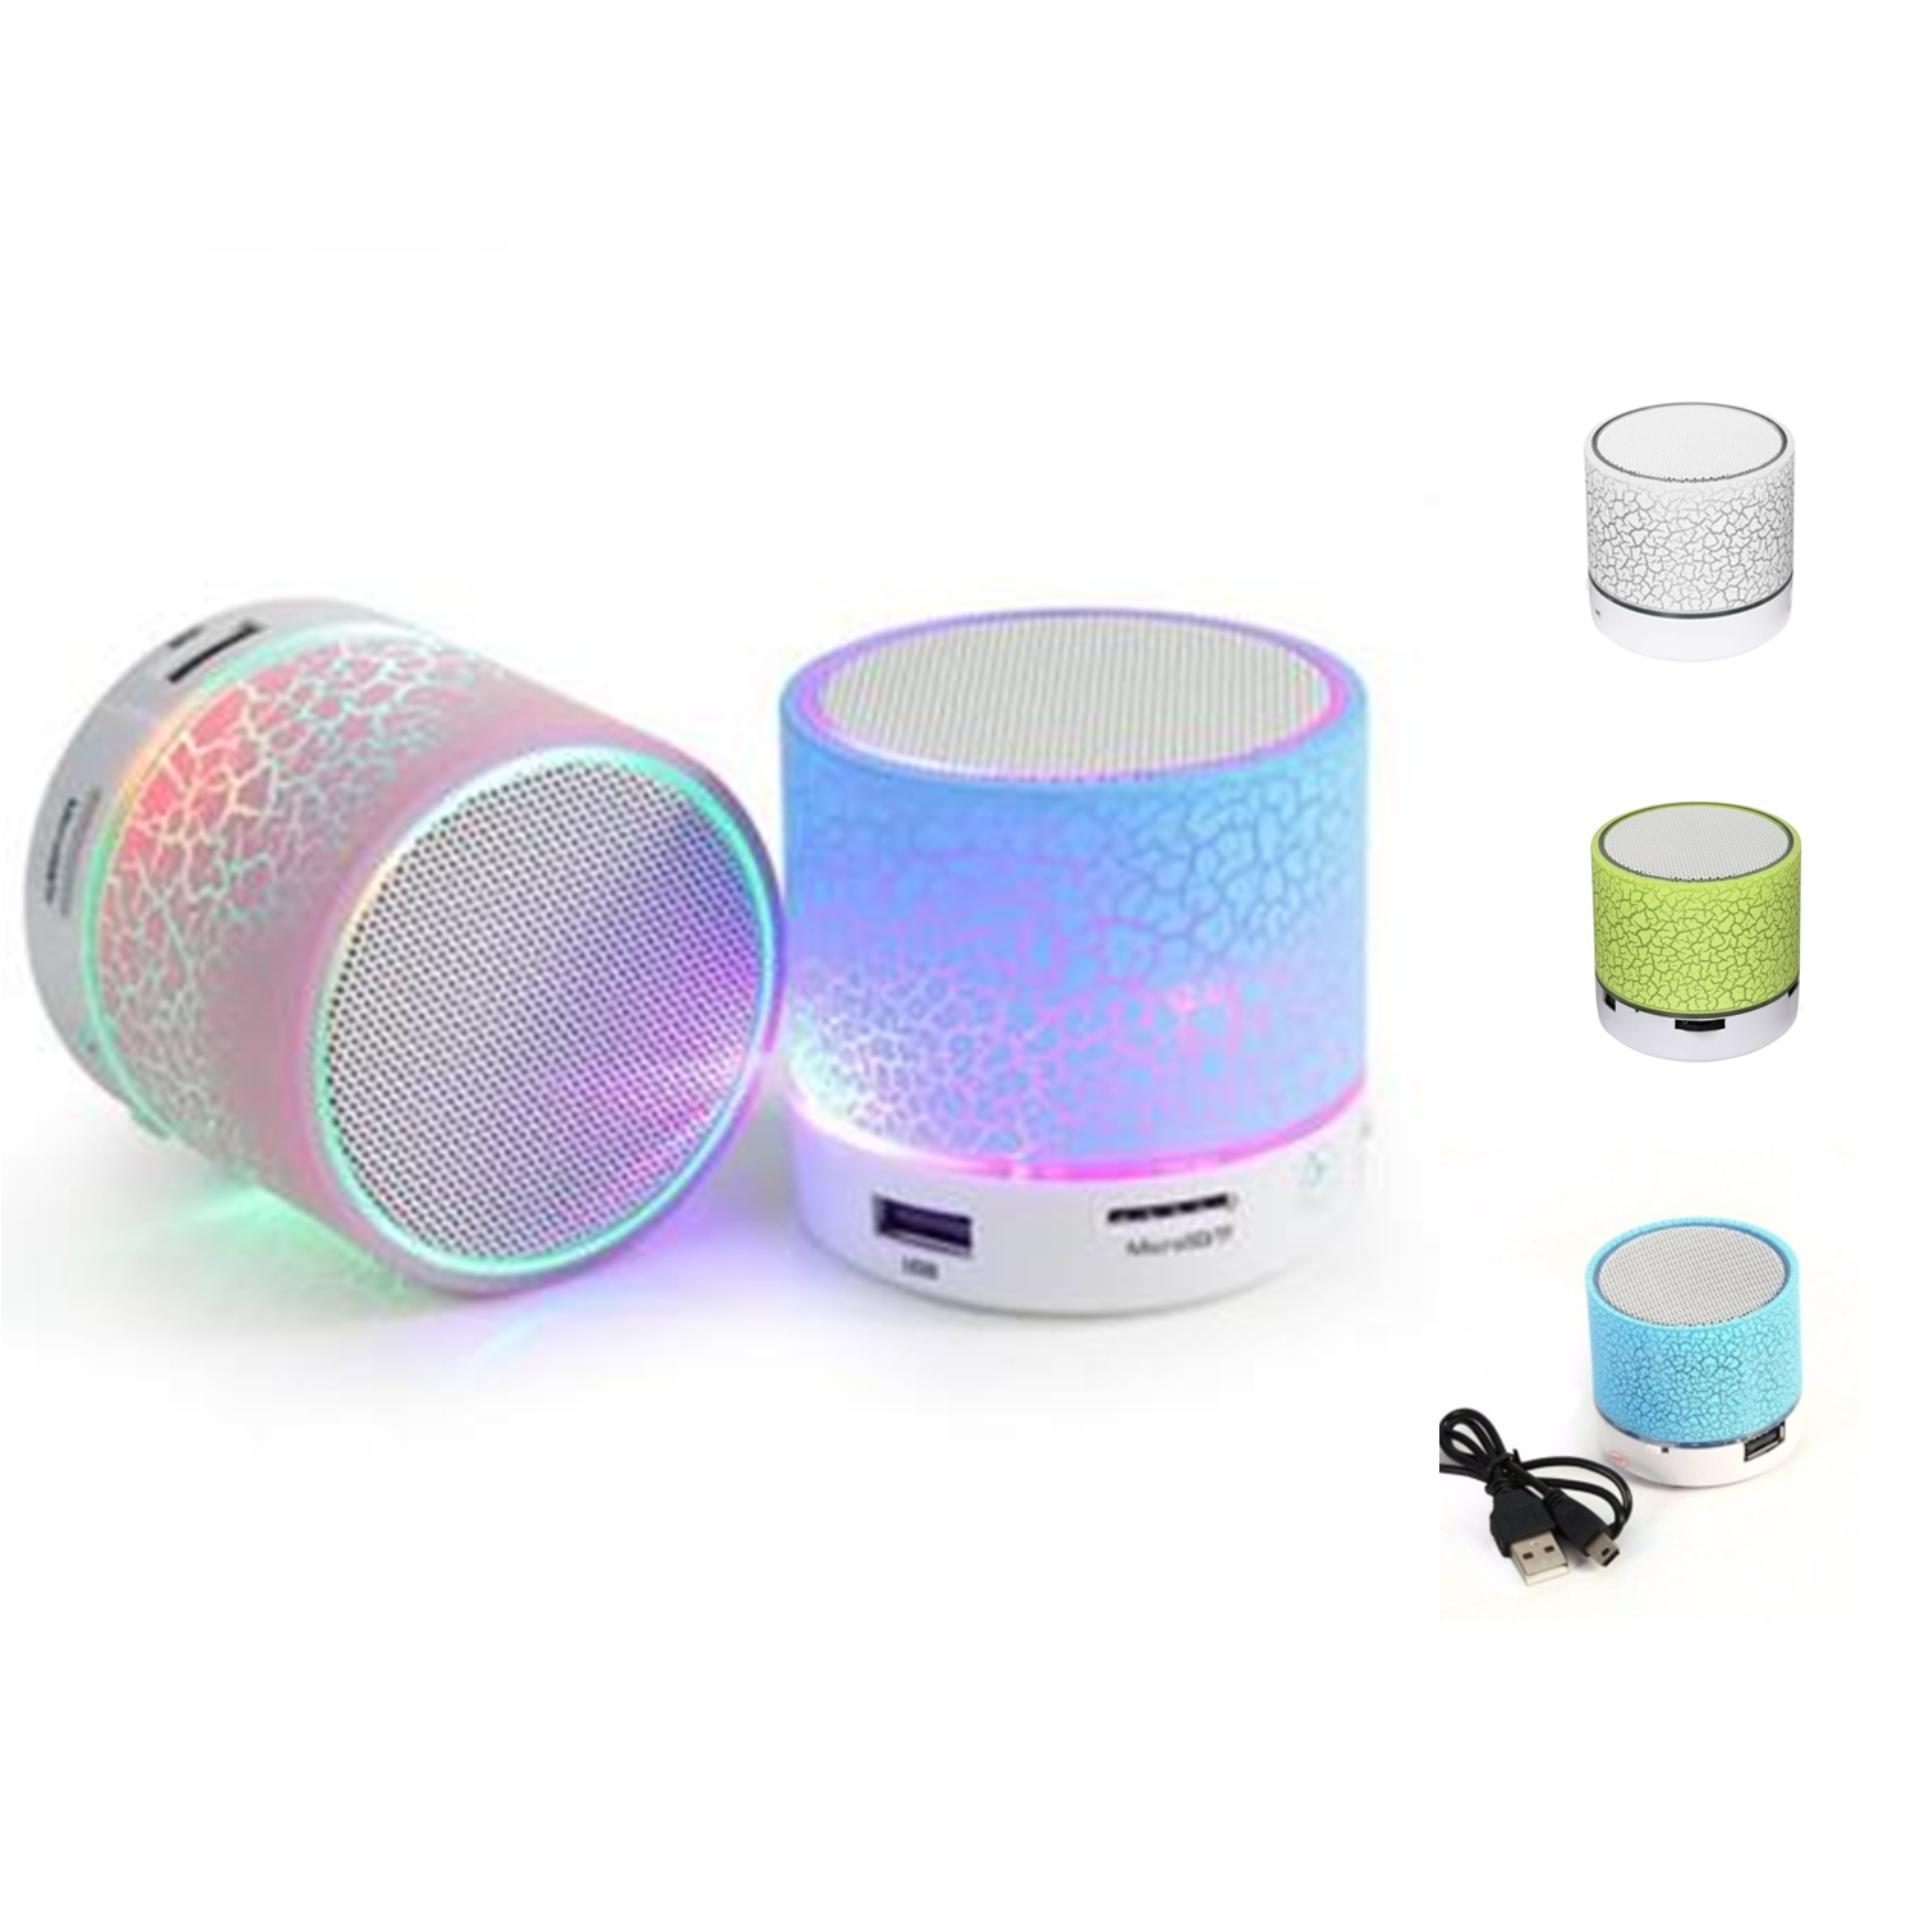 Loa Bluetooth HLD-600 mini có đèn LED nháy theo nhạc cực sành điệu (Mầu ngẫu nhiên)